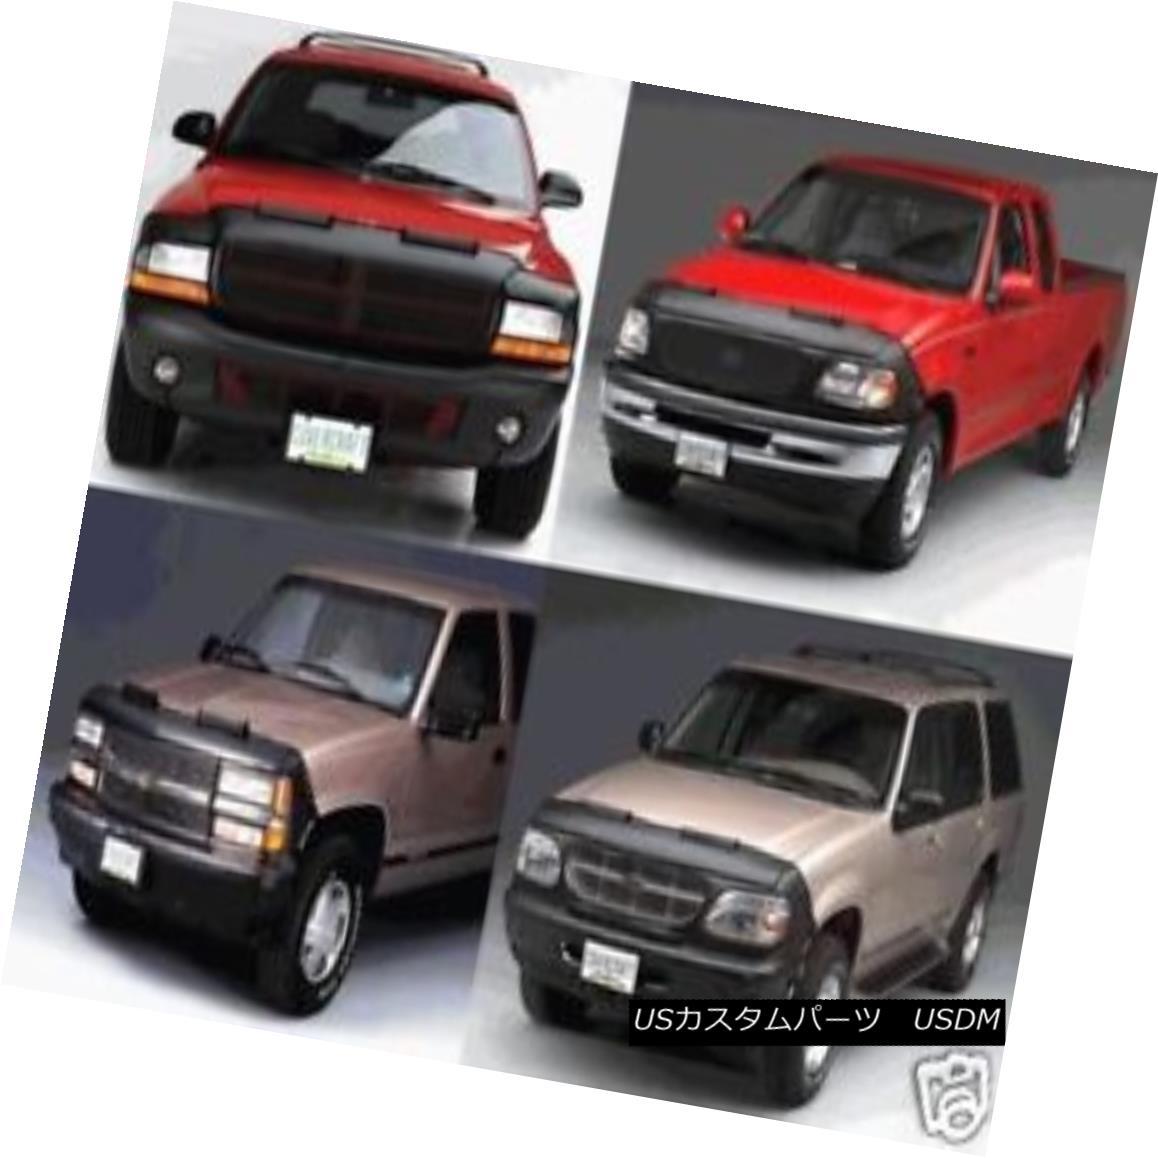 フルブラ ノーズブラ Front End Mask Car Bra Fits 1996 19971998 GEO TRACKER 2&4 DR フロントエンドマスクカーブラフィット1996年19971998 GEO TRACKER 2&4 DR